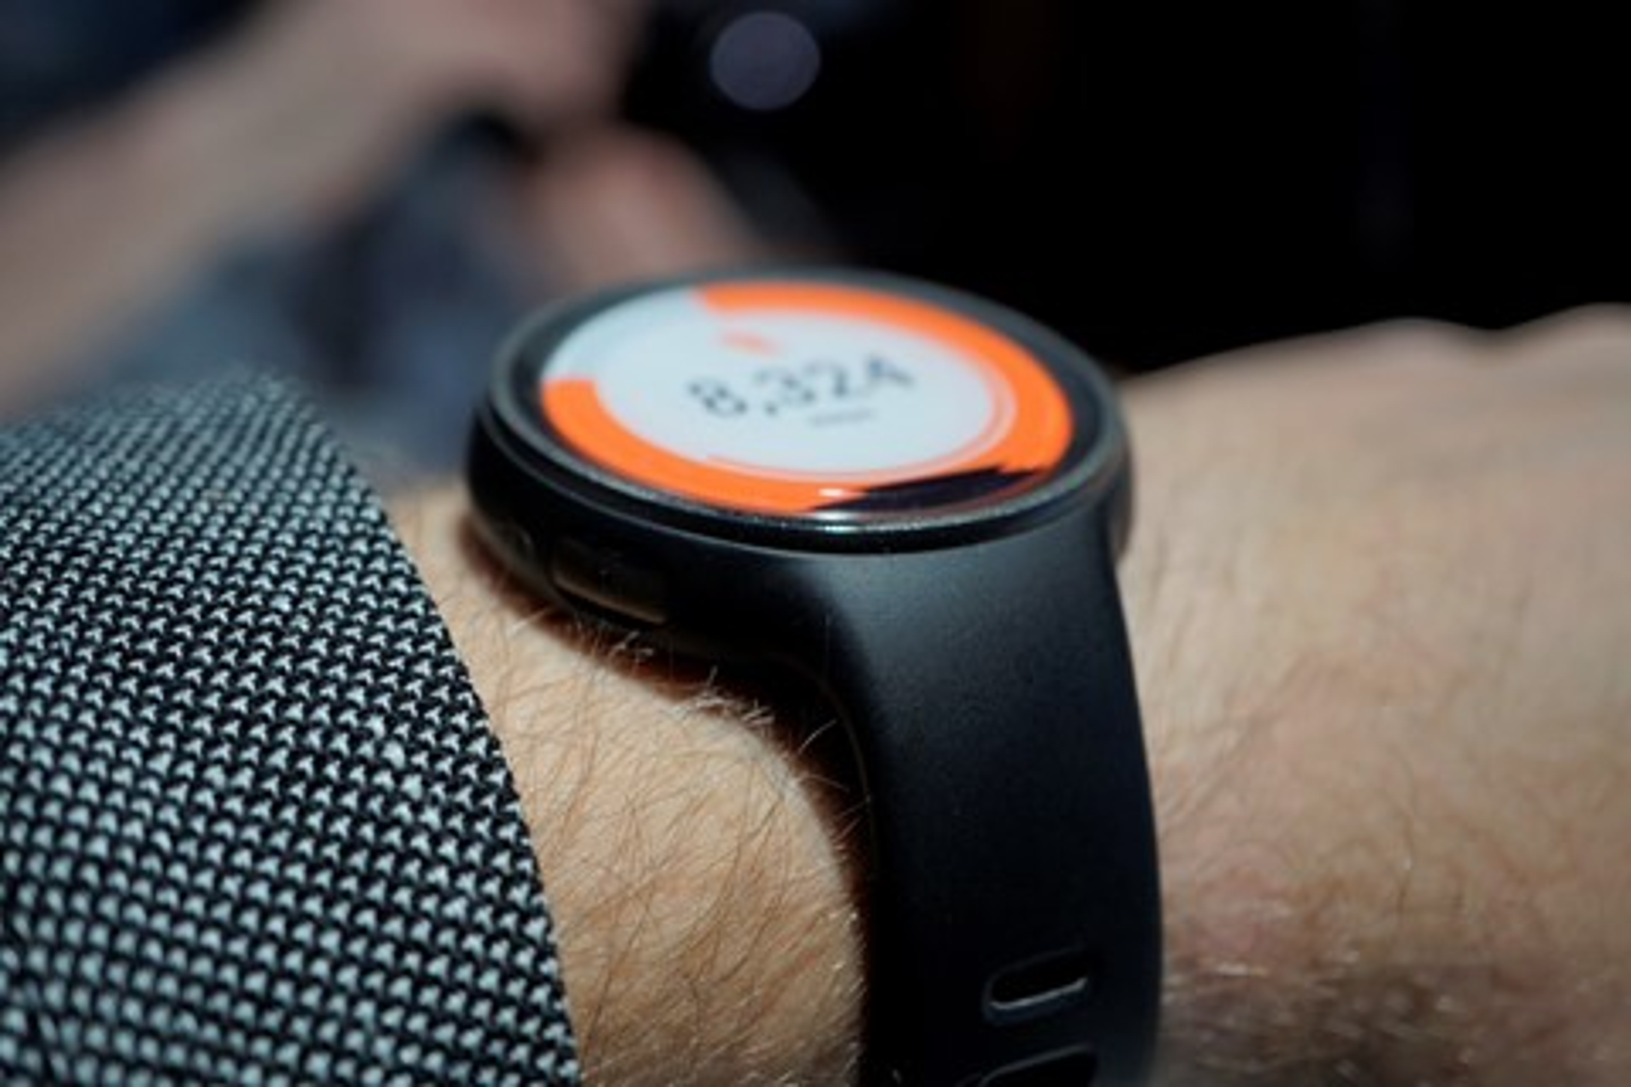 Imagem de Os melhores smartwatches e fitness bands para comprar em fevereiro de 2016 no tecmundo